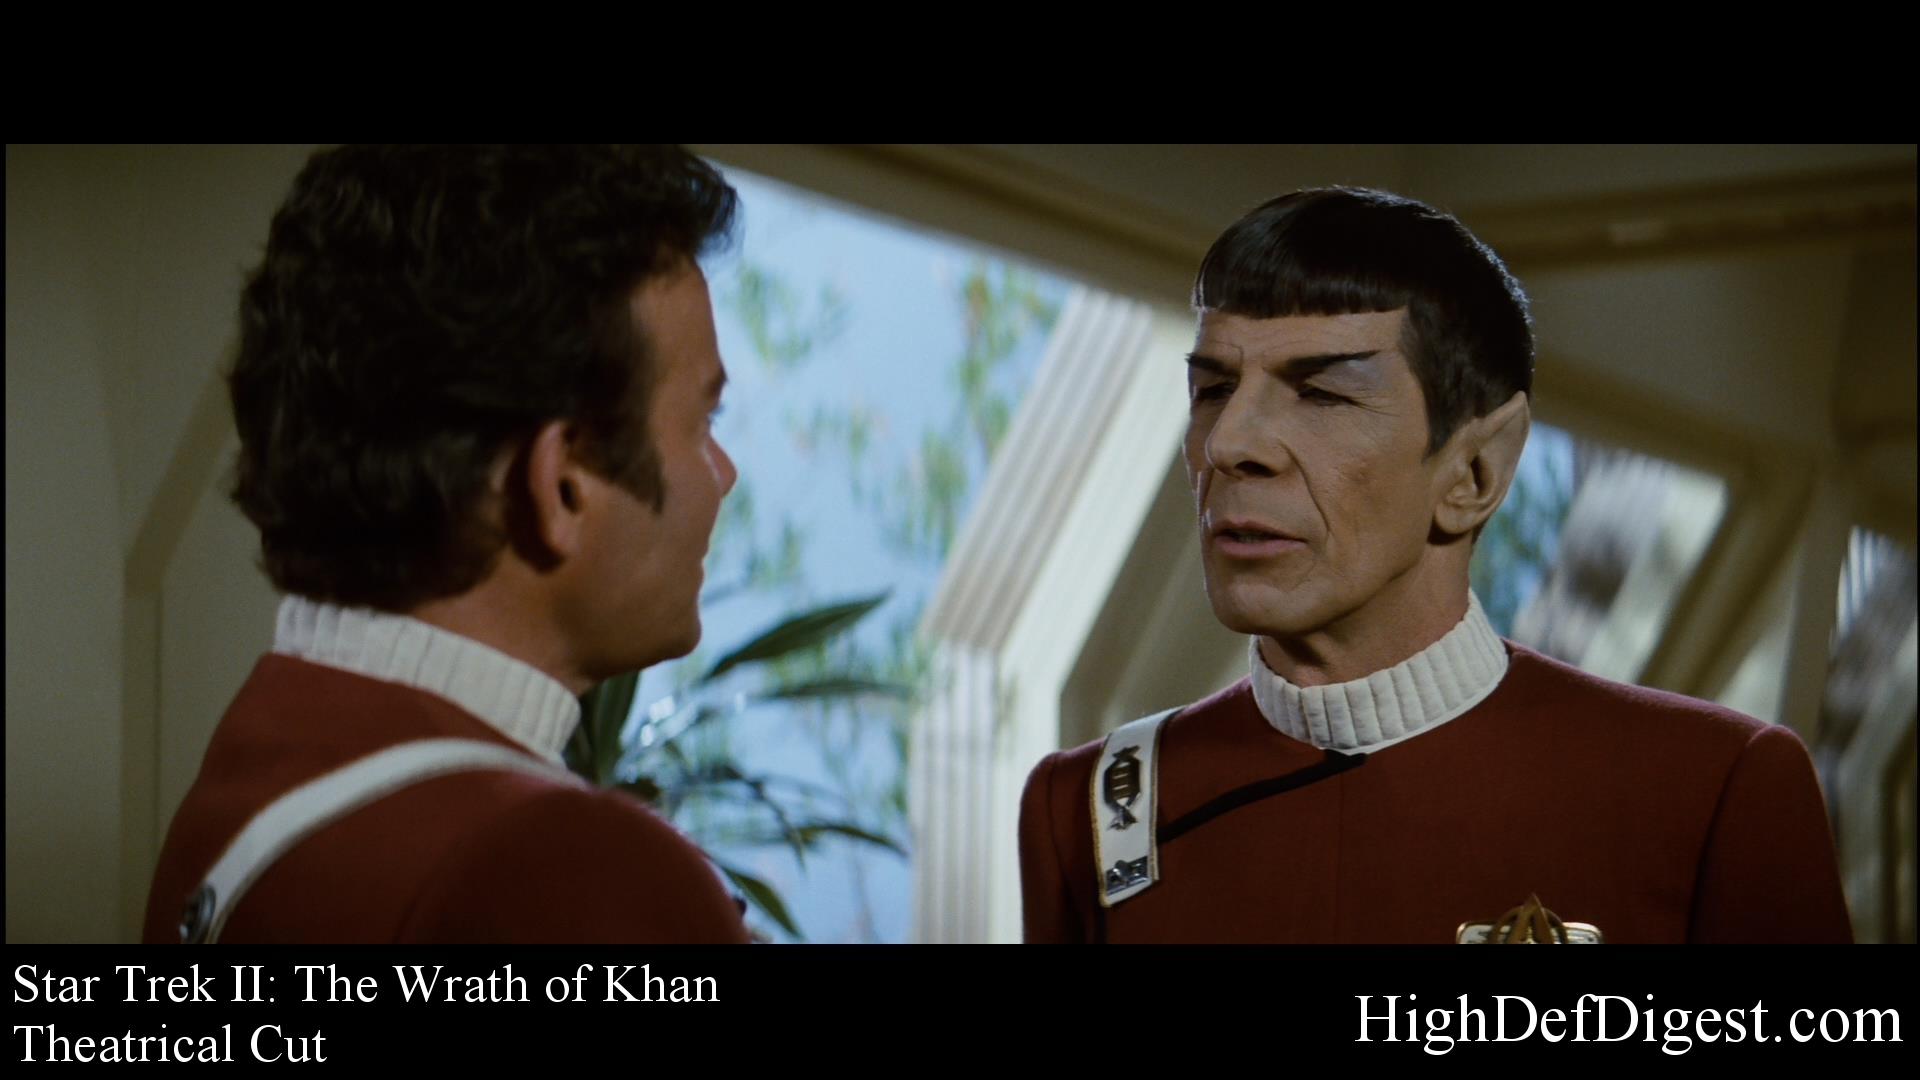 Star Trek: The Wrath of Khan - Comparison 1 (Theatrical Cut)